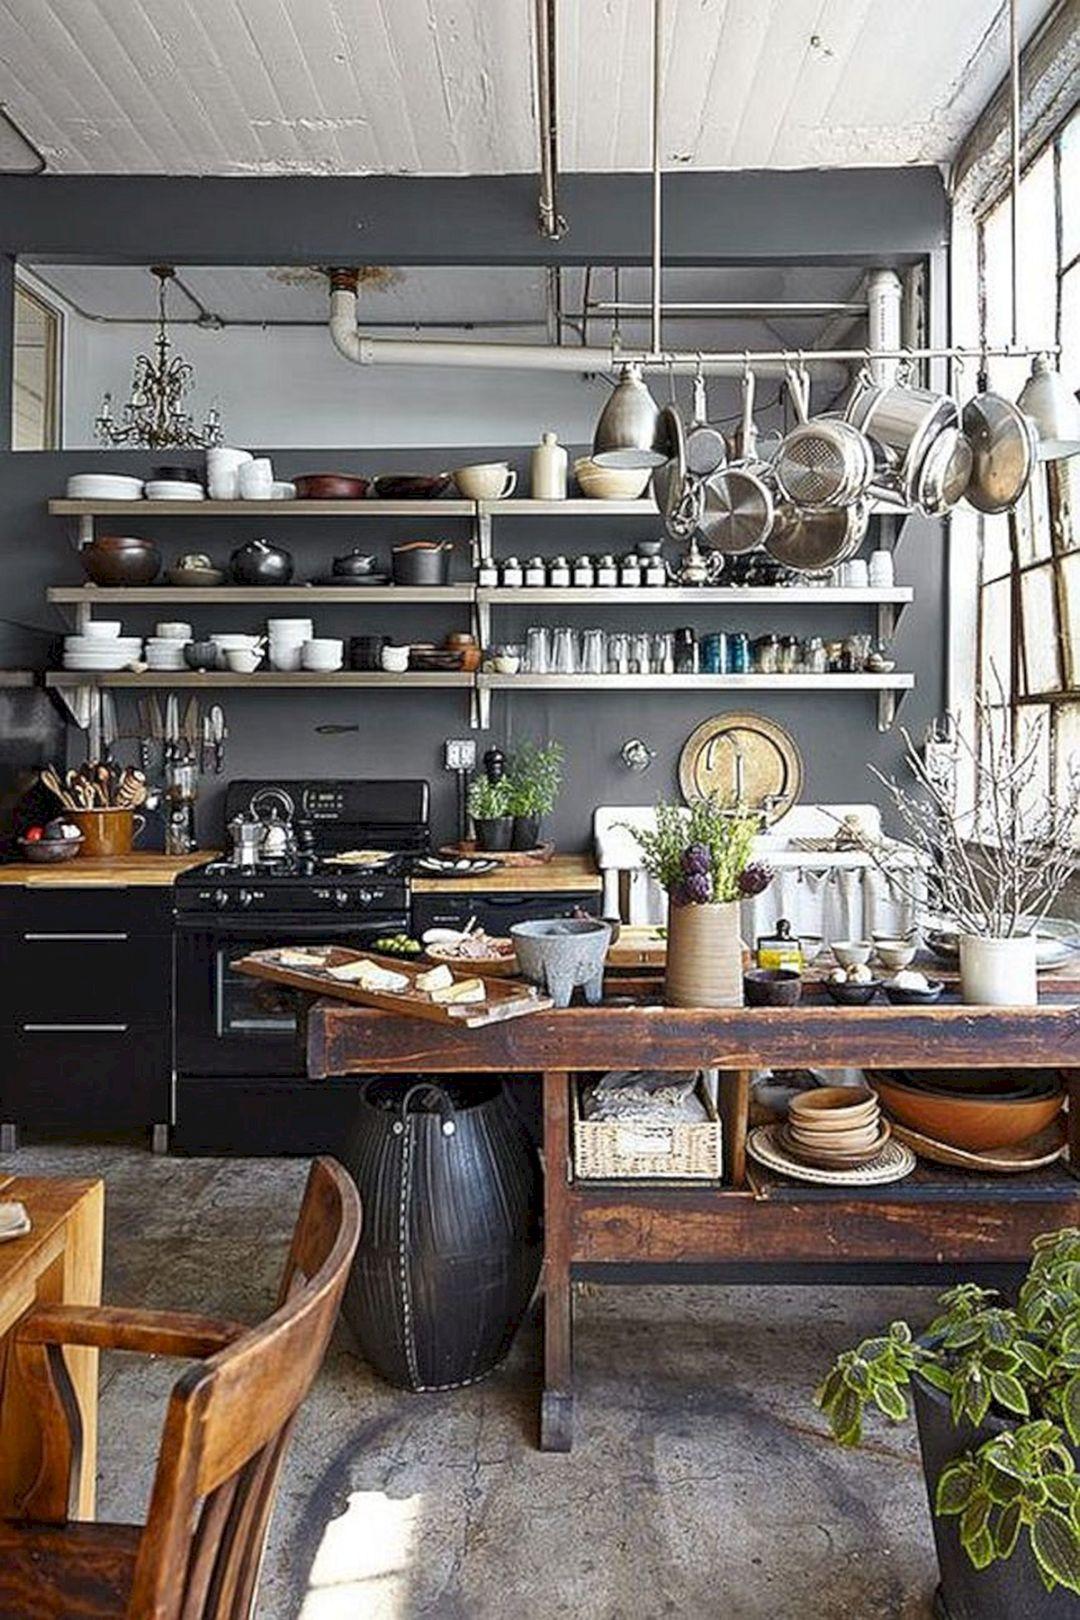 kitchen accessories kitchen decoration kitchen decor kitchenware cookware barware on kitchen interior accessories id=51932